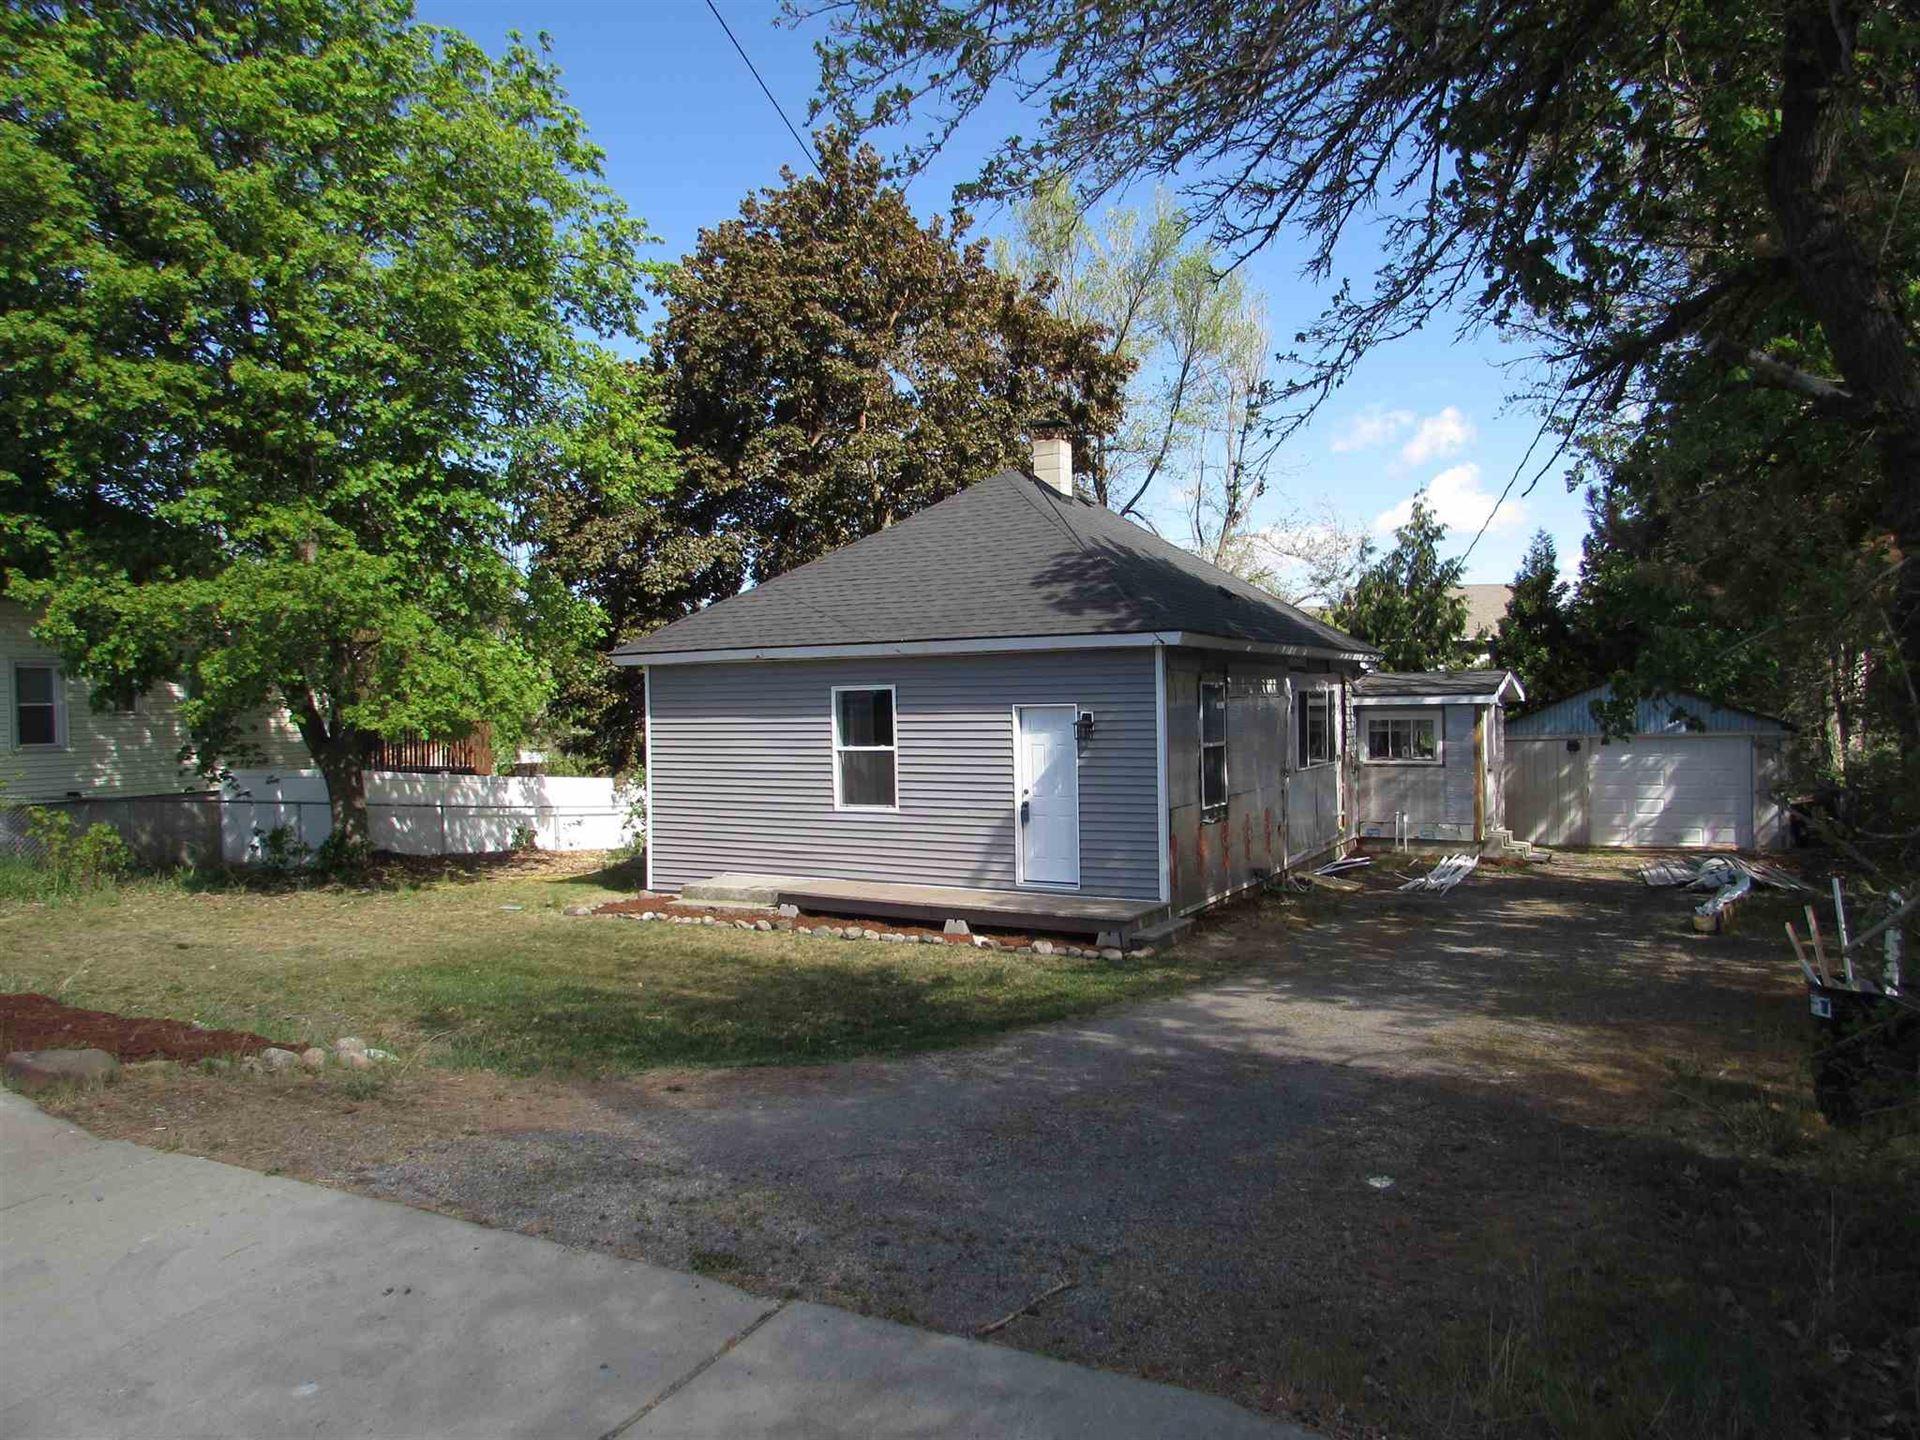 11623 E 8th Ave, Spokane Valley, WA 99206 - #: 202115102